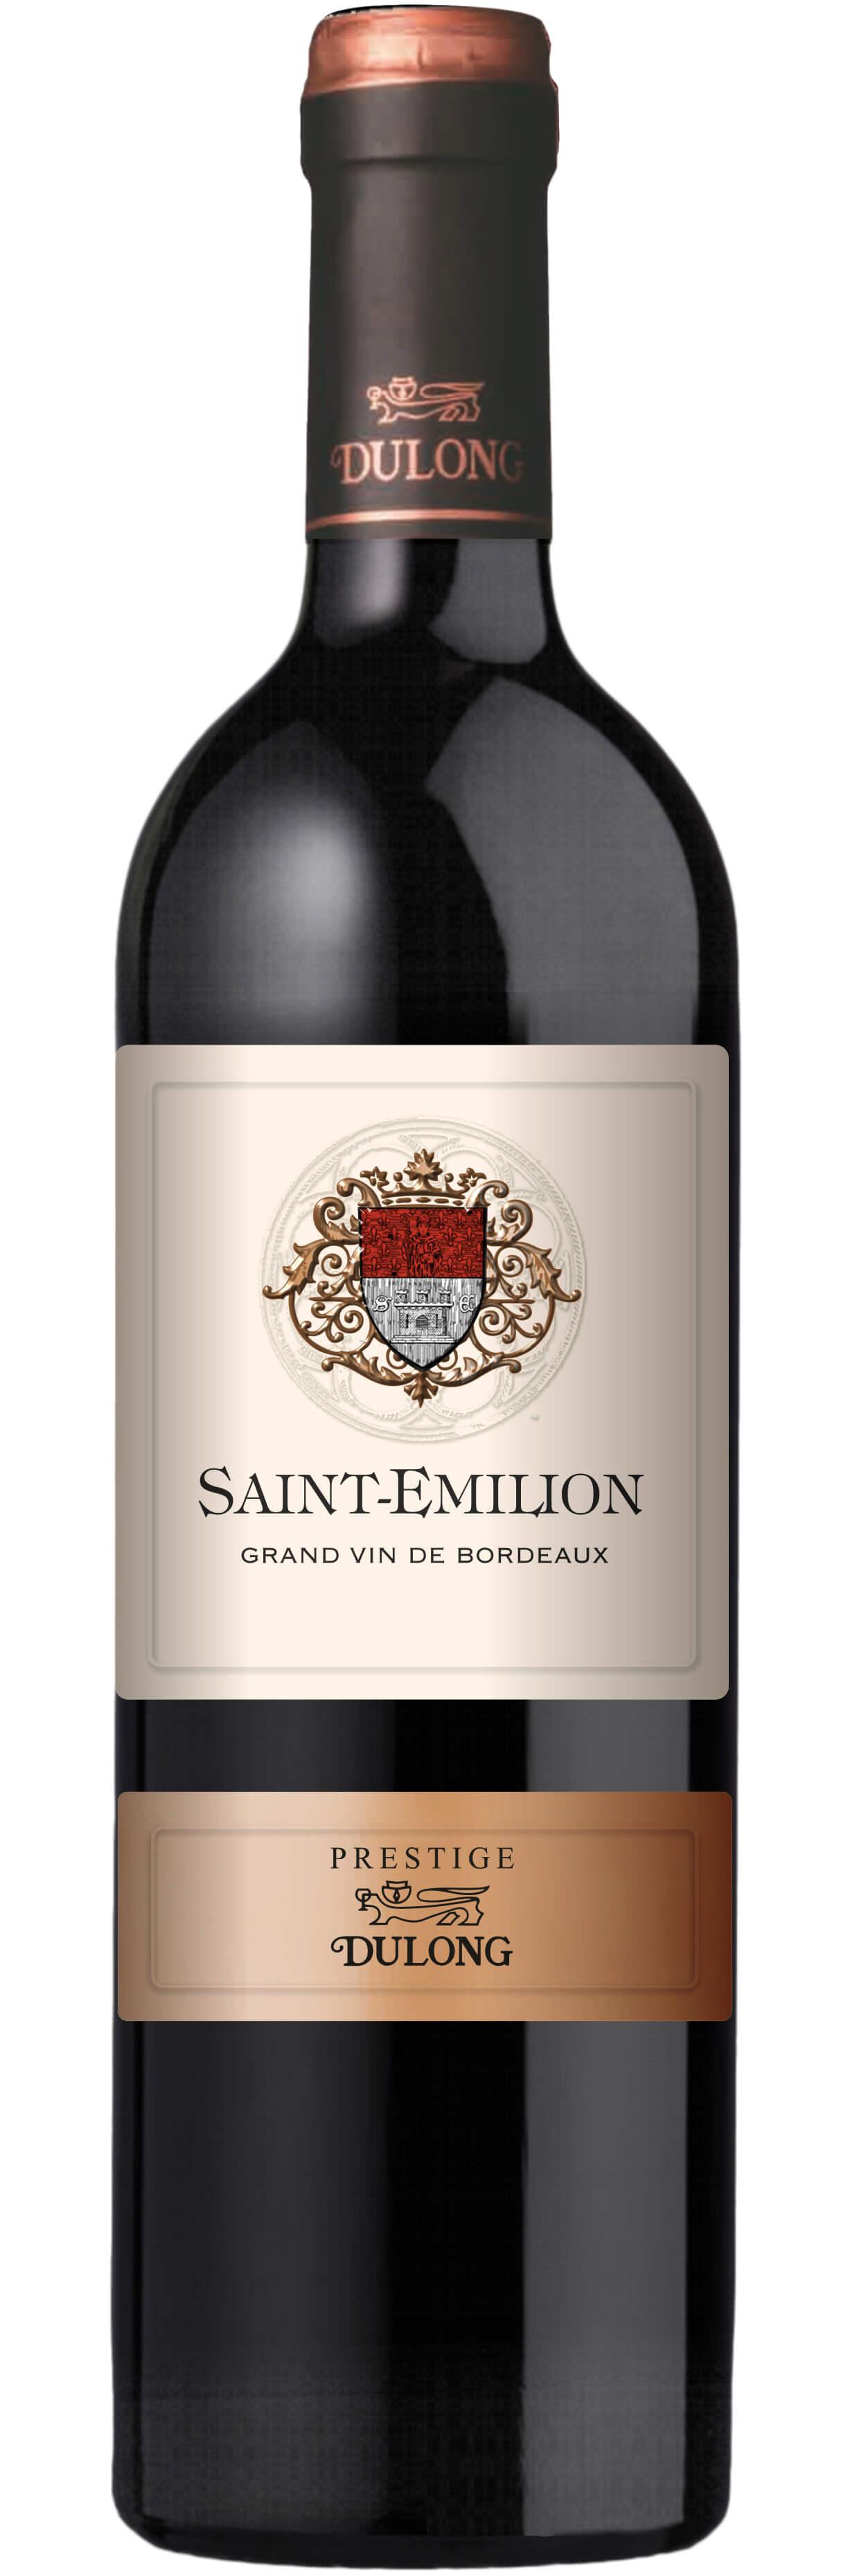 2005 Dulong Prestige Saint-Emilion фото